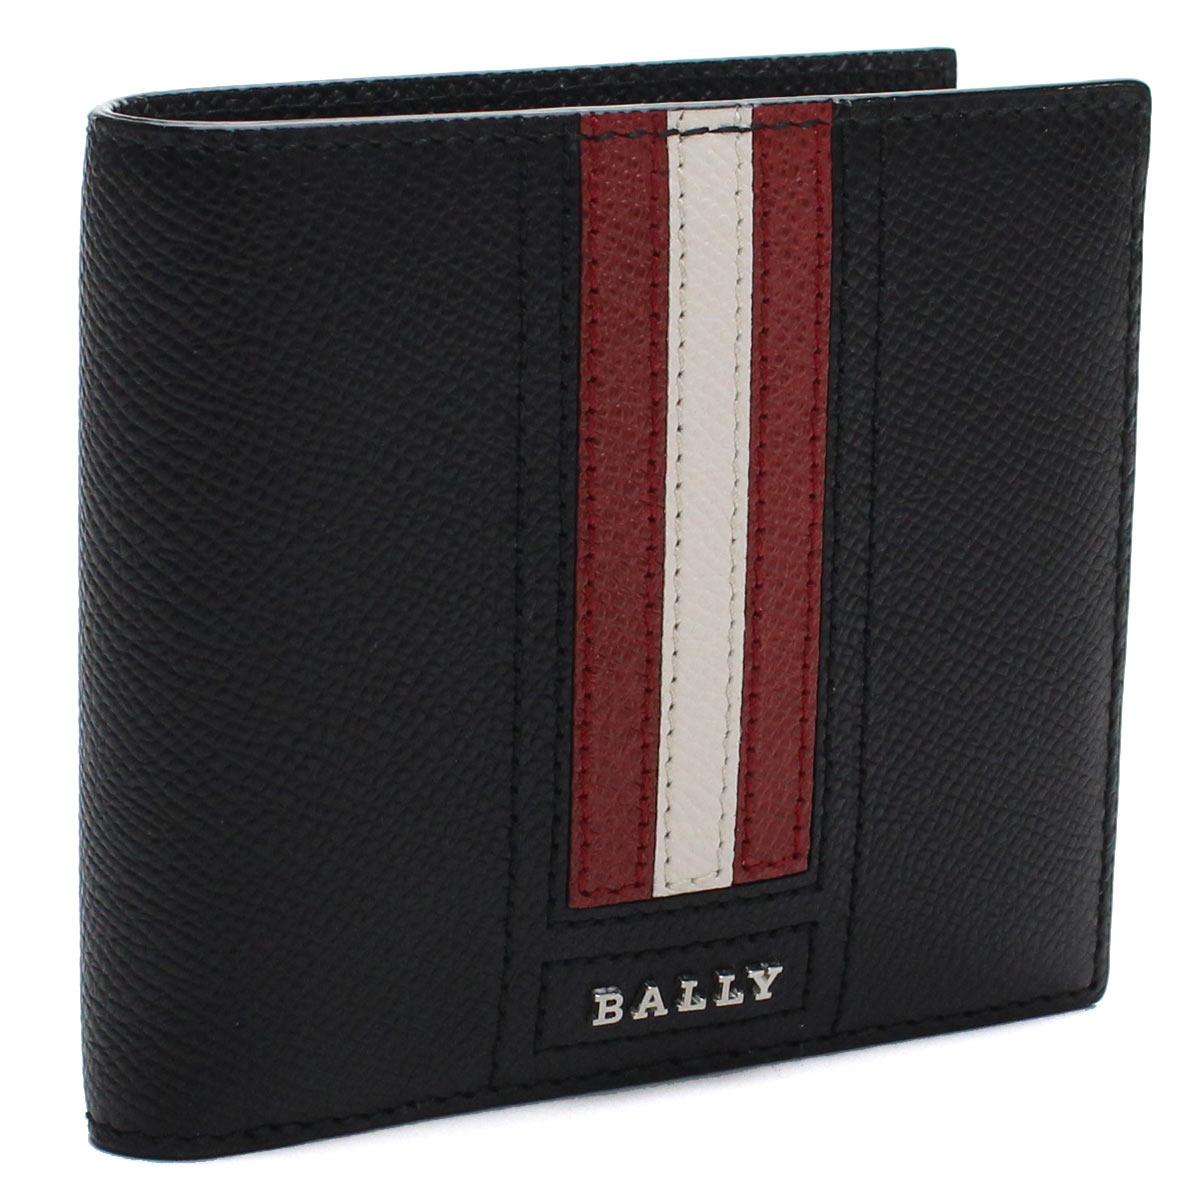 バリー BALLY レザー 2つ折り財布 TEISEL.LT 10 BLACK ブラック メンズ【キャッシュレス 5% 還元】